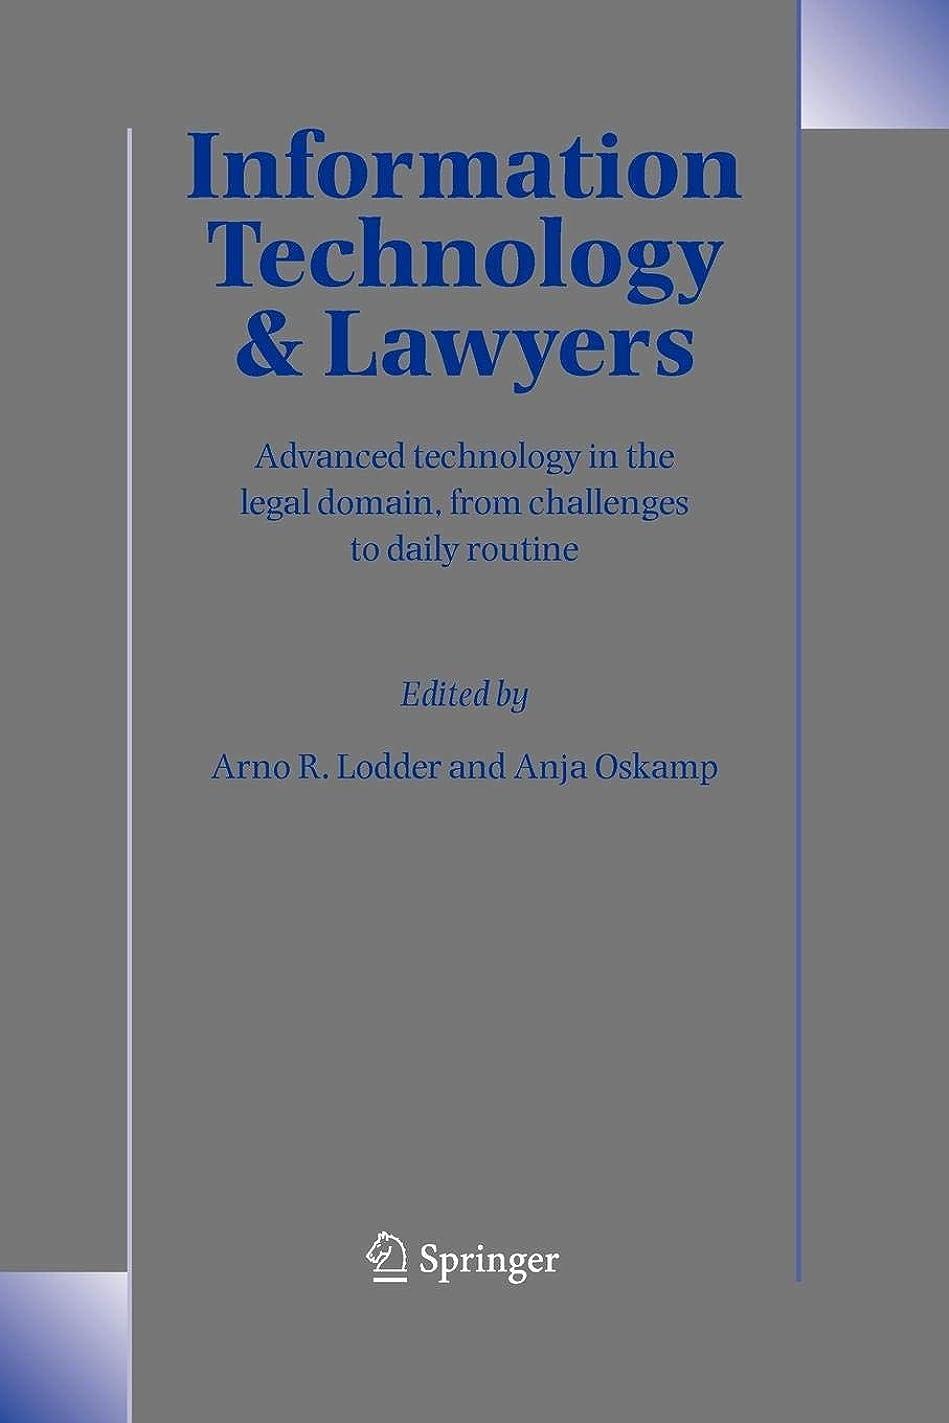 引退する保護する観光に行くInformation Technology and Lawyers: Advanced Technology in the Legal Domain, from Challenges to Daily Routine